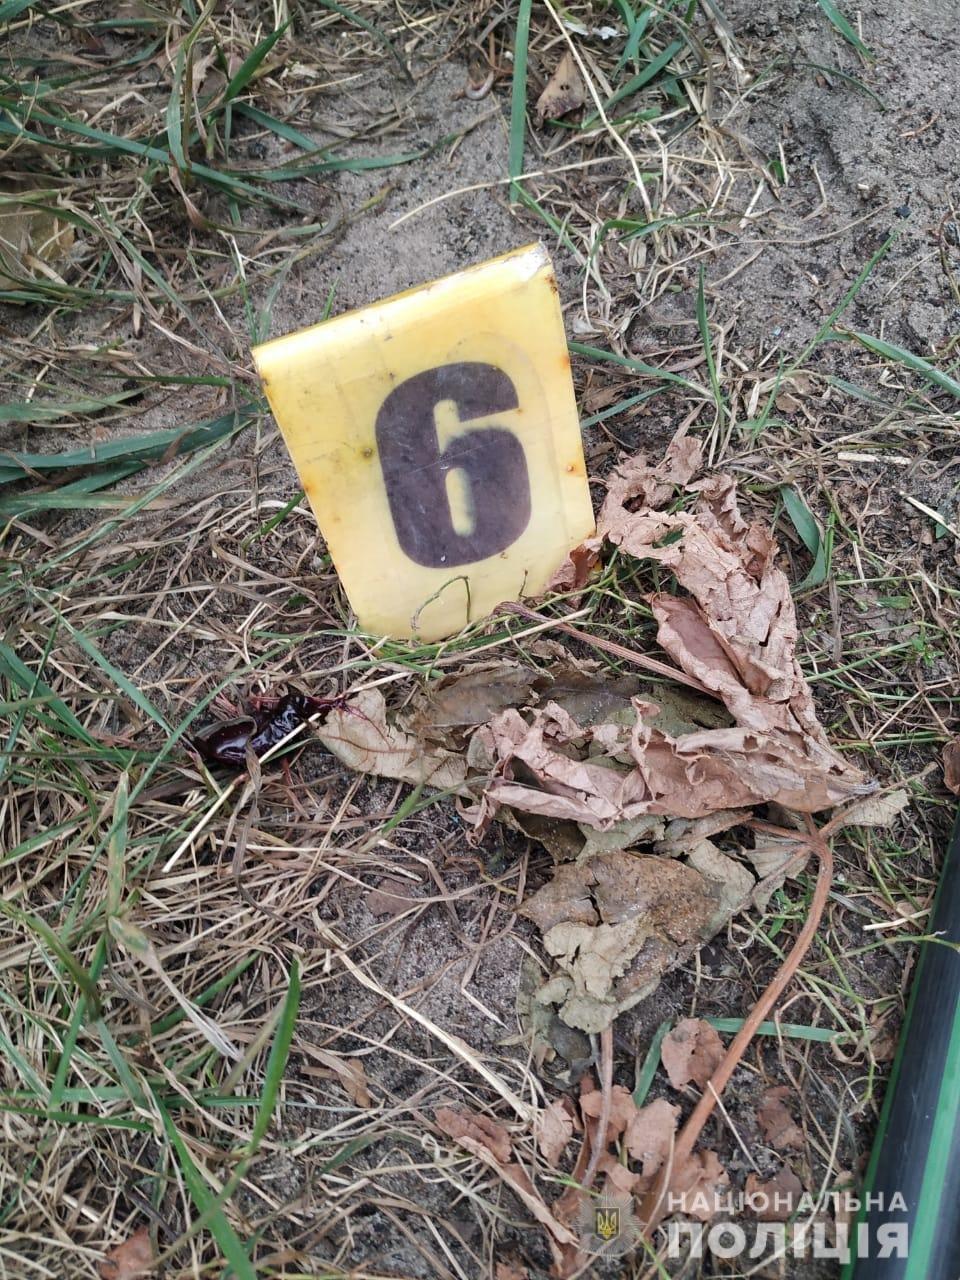 Под Харьковом мужчина забил насмерть своего собутыльника, - ФОТО, фото-2